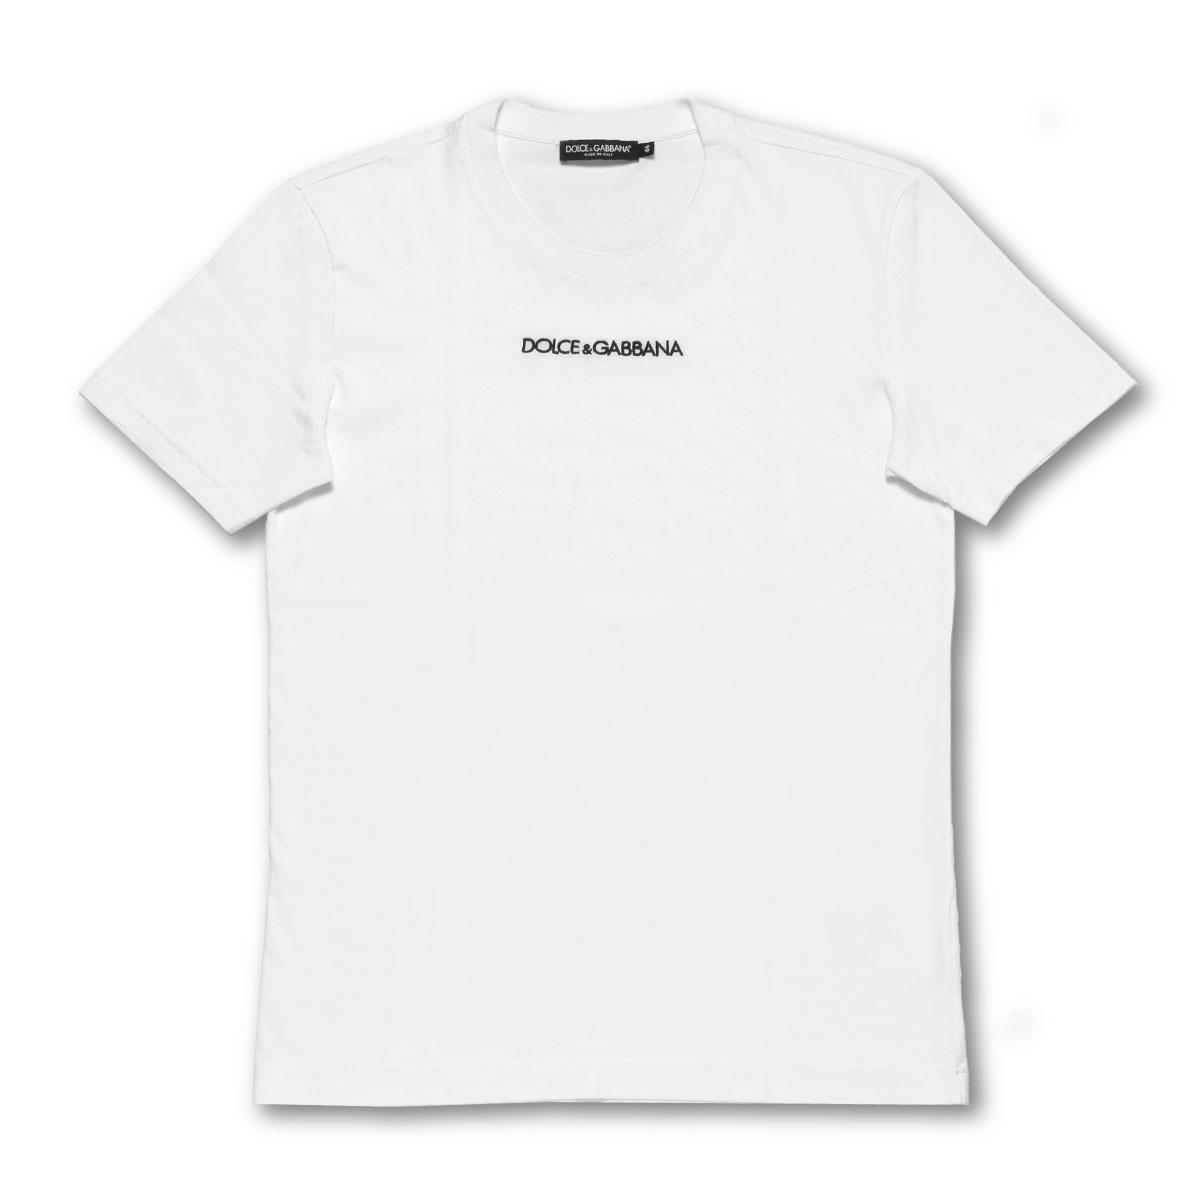 ドルチェアンドガッバーナ DOLCE&GABBANA Tシャツ メンズ G8JM4Z FU7EQ W0800 半袖Tシャツ WHITE ホワイト